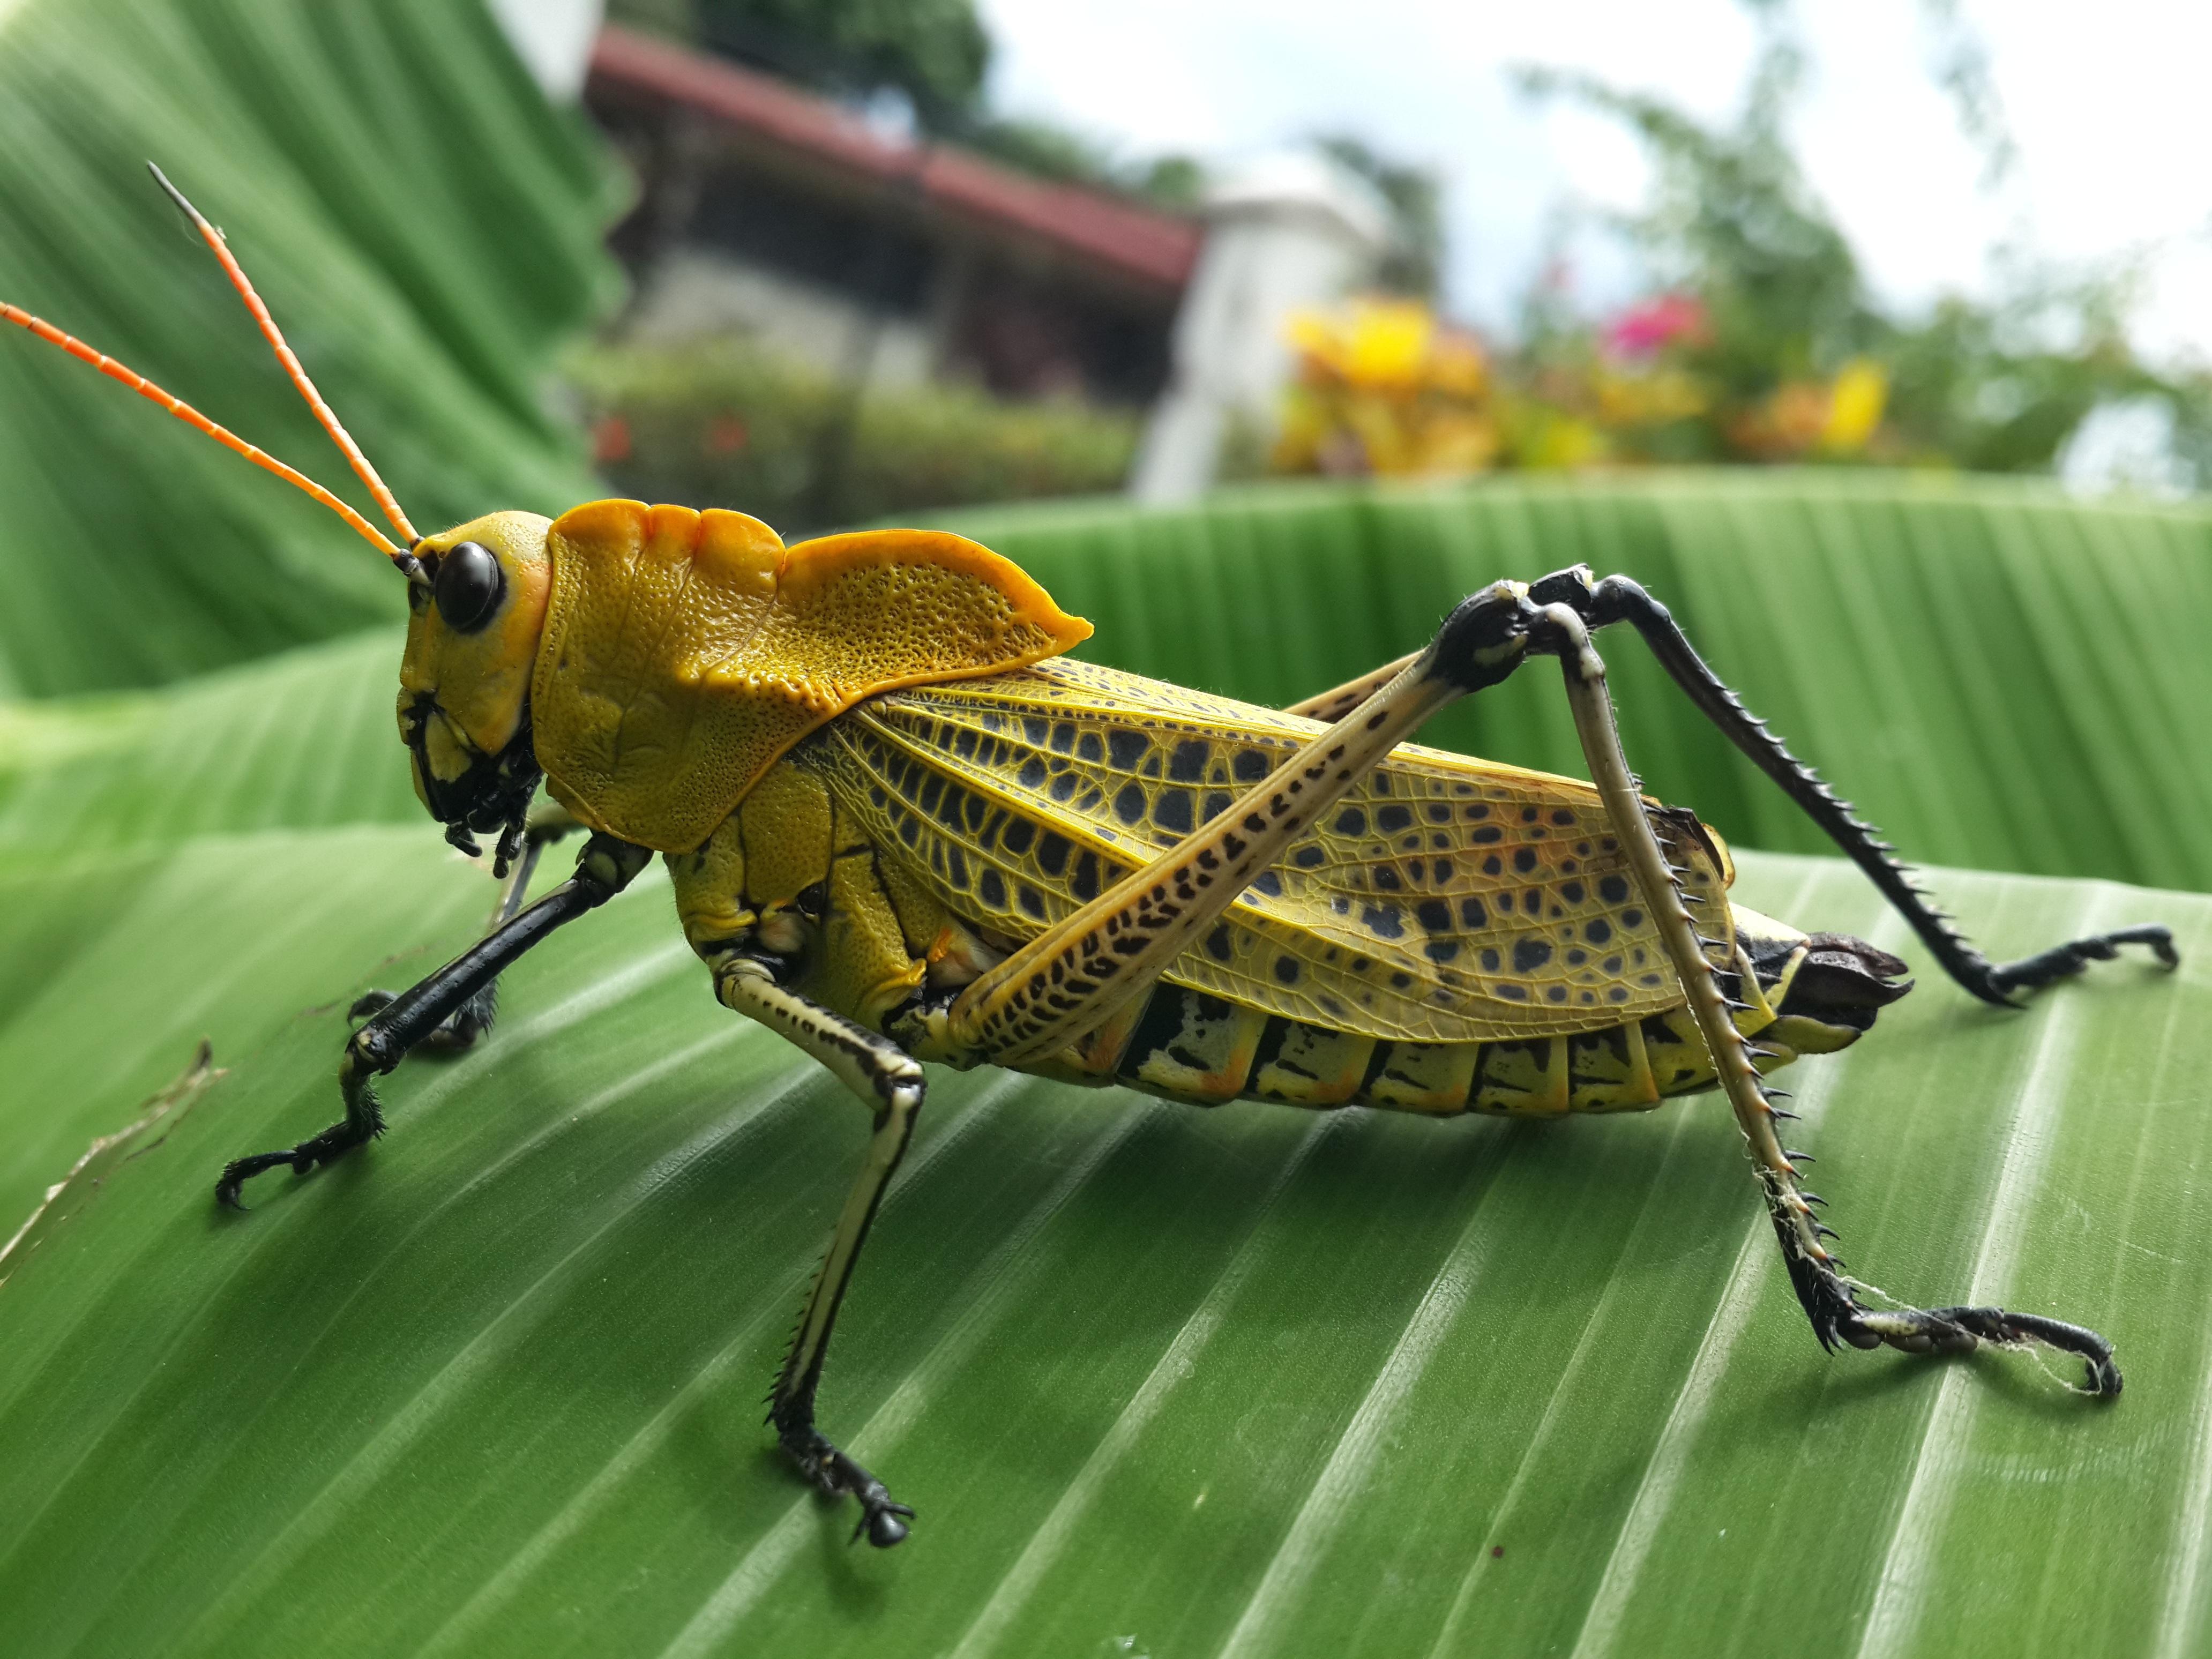 Fotos Gratis : Naturaleza, Fauna, Invertebrado, Langosta